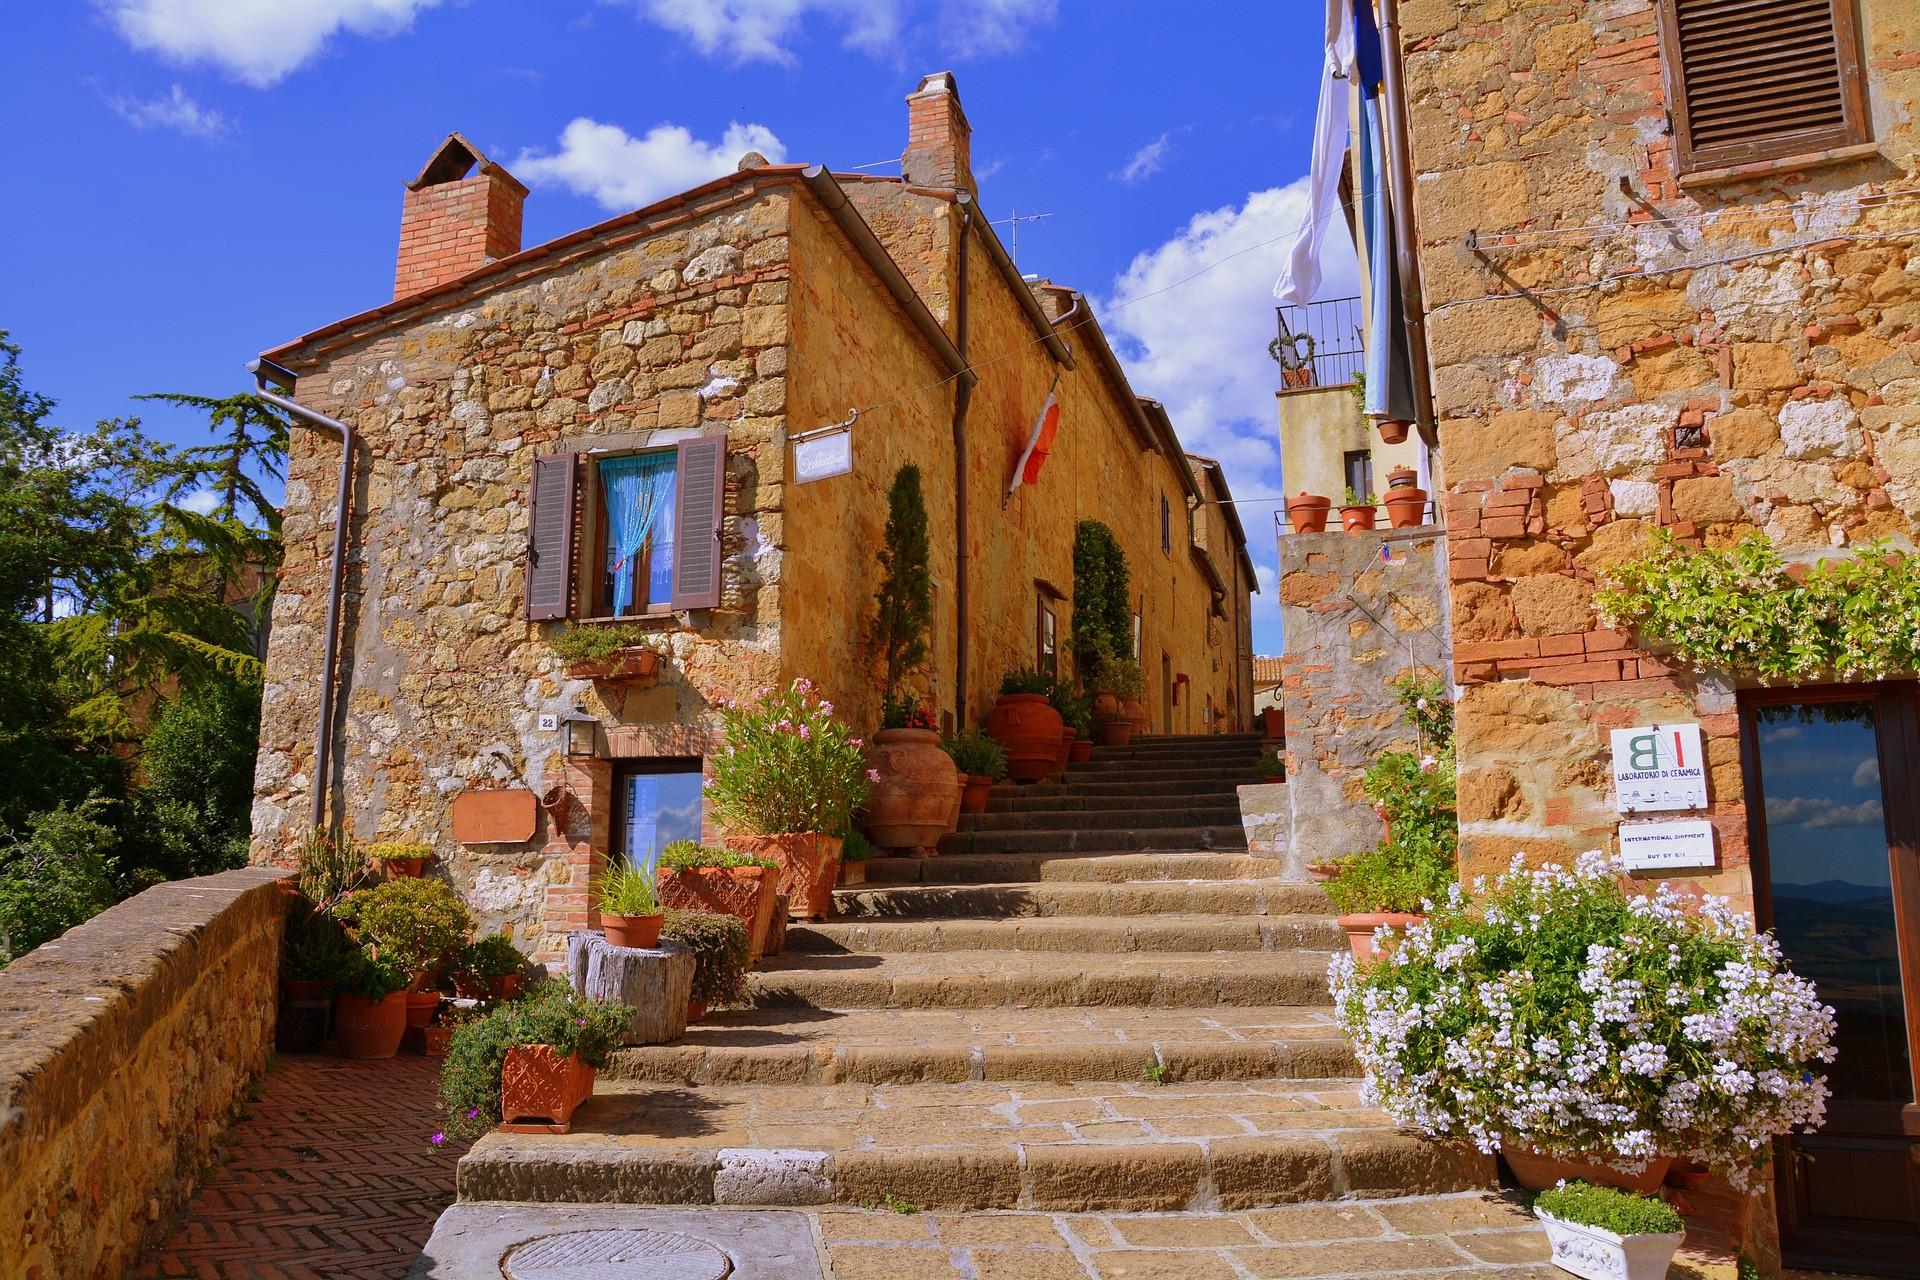 Centro storico di Pienza - Foto di Gianni Crestani